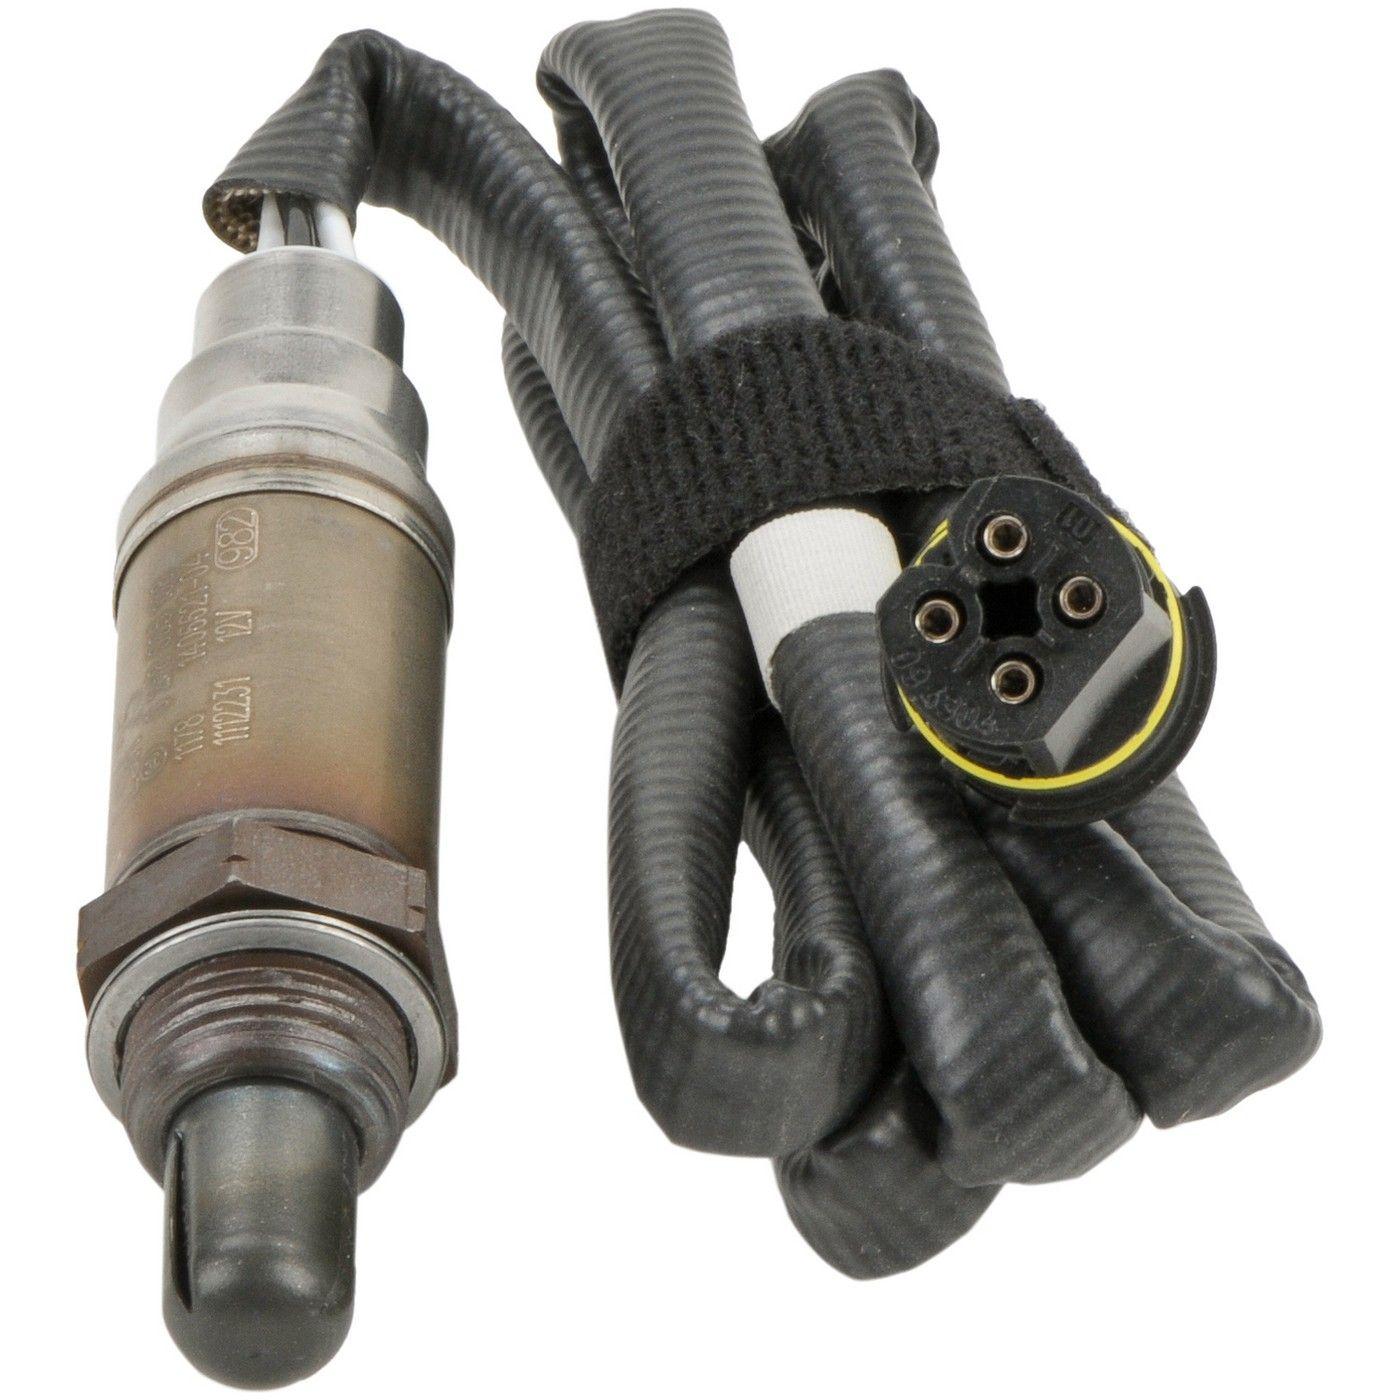 Bmw Z3 Fuel Consumption: 2001 BMW M3 Oxygen Sensor